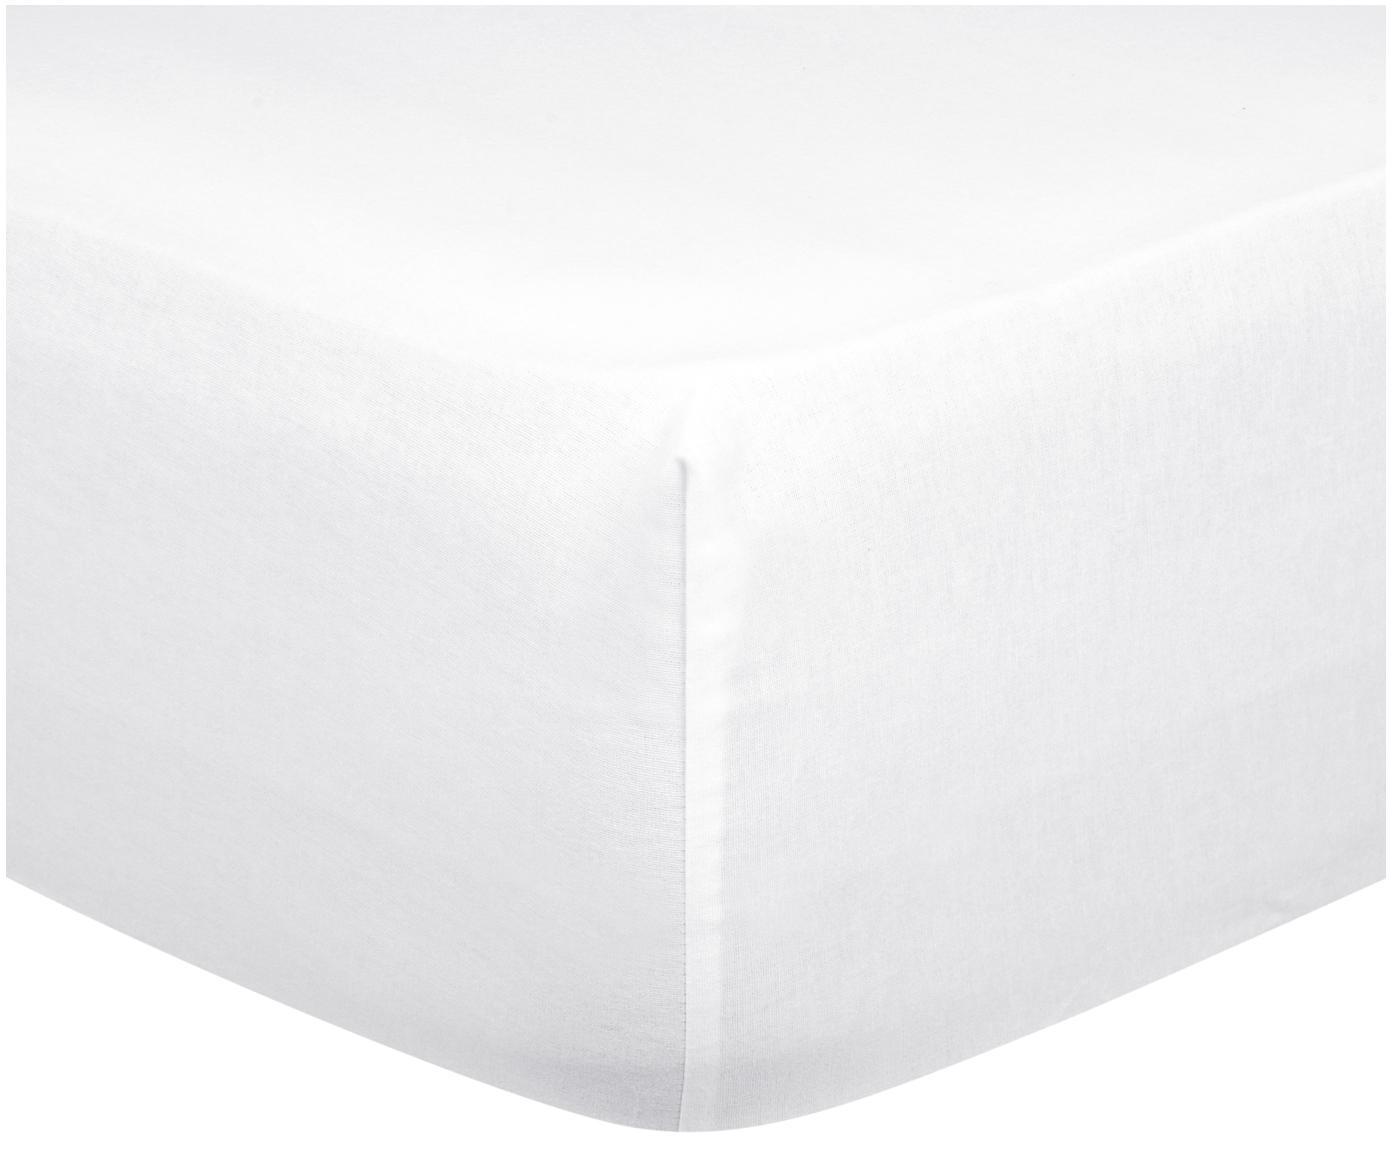 Spannbettlaken Biba in Weiß, Flanell, Webart: Flanell, Weiß, 90 x 200 cm